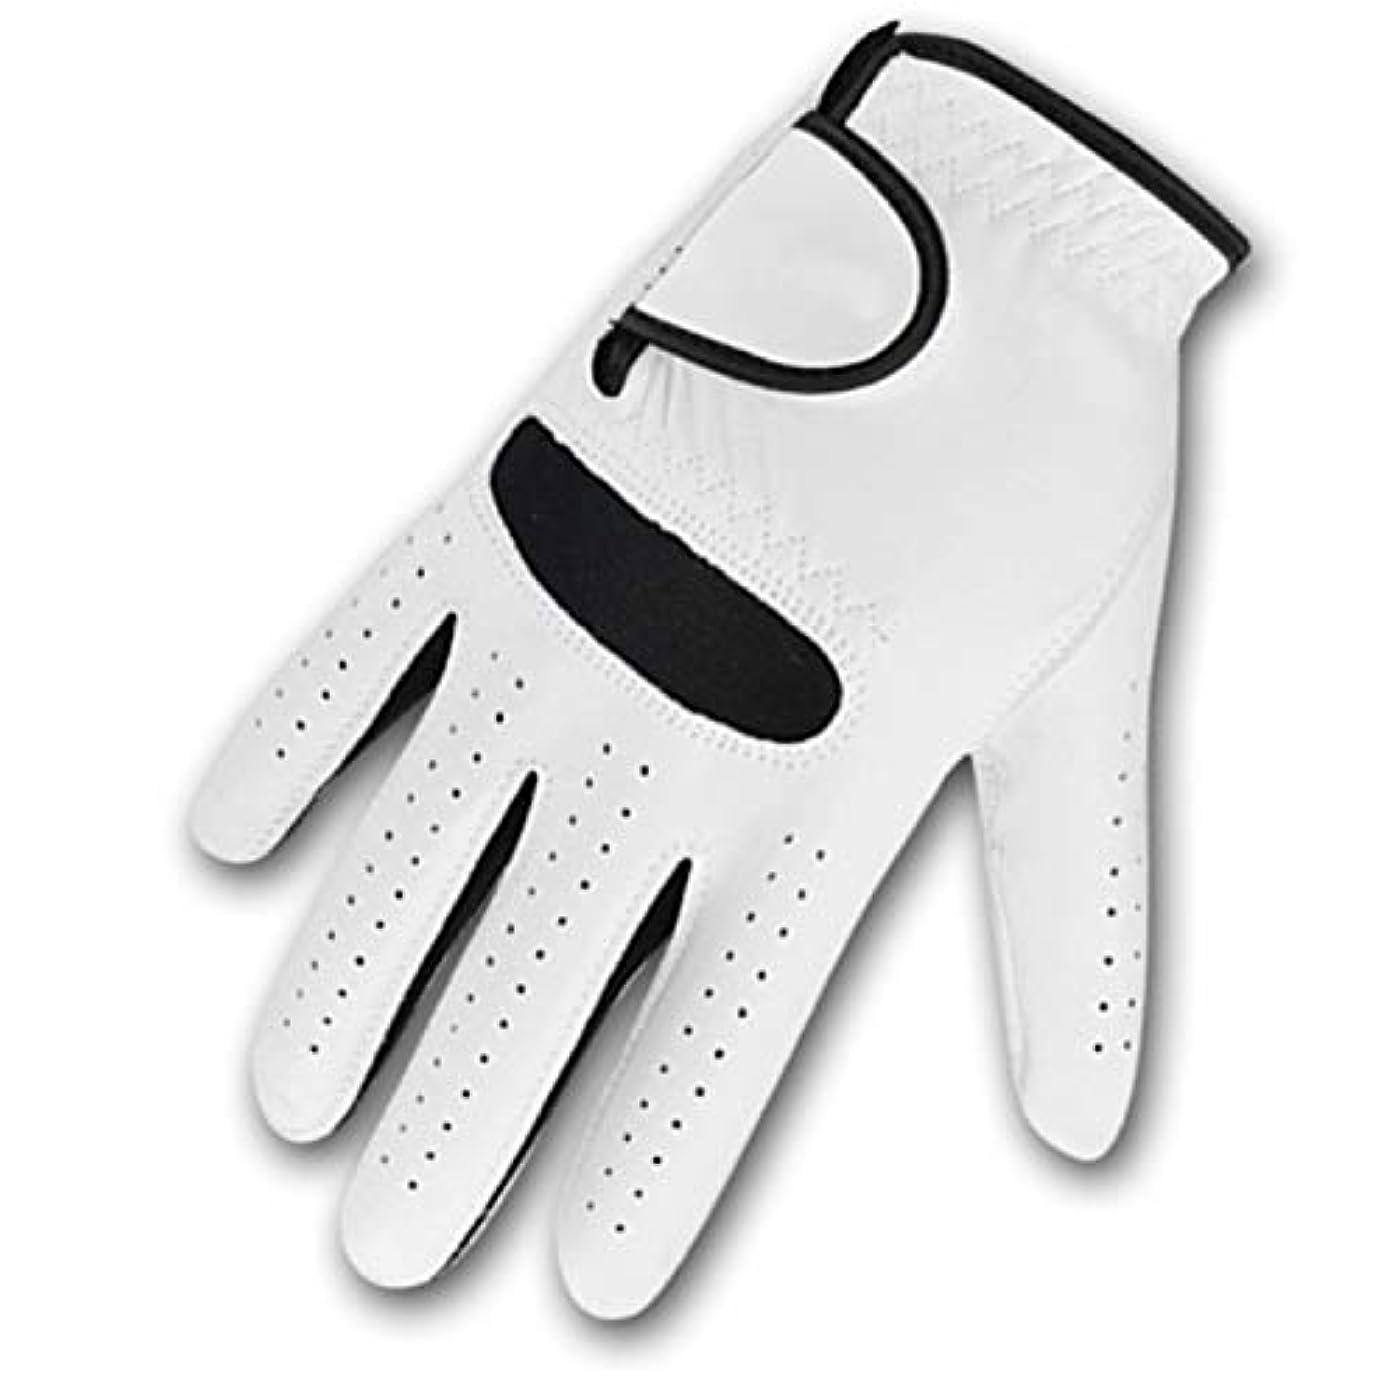 ほんの体現するペフBAJIMI 手袋 グローブ レディース/メンズ ハンド ケア シンプルなメンズゴルフグローブ滑り止めグローブは手を保護します 裏起毛 おしゃれ 手触りが良い 運転 耐磨耗性 換気性